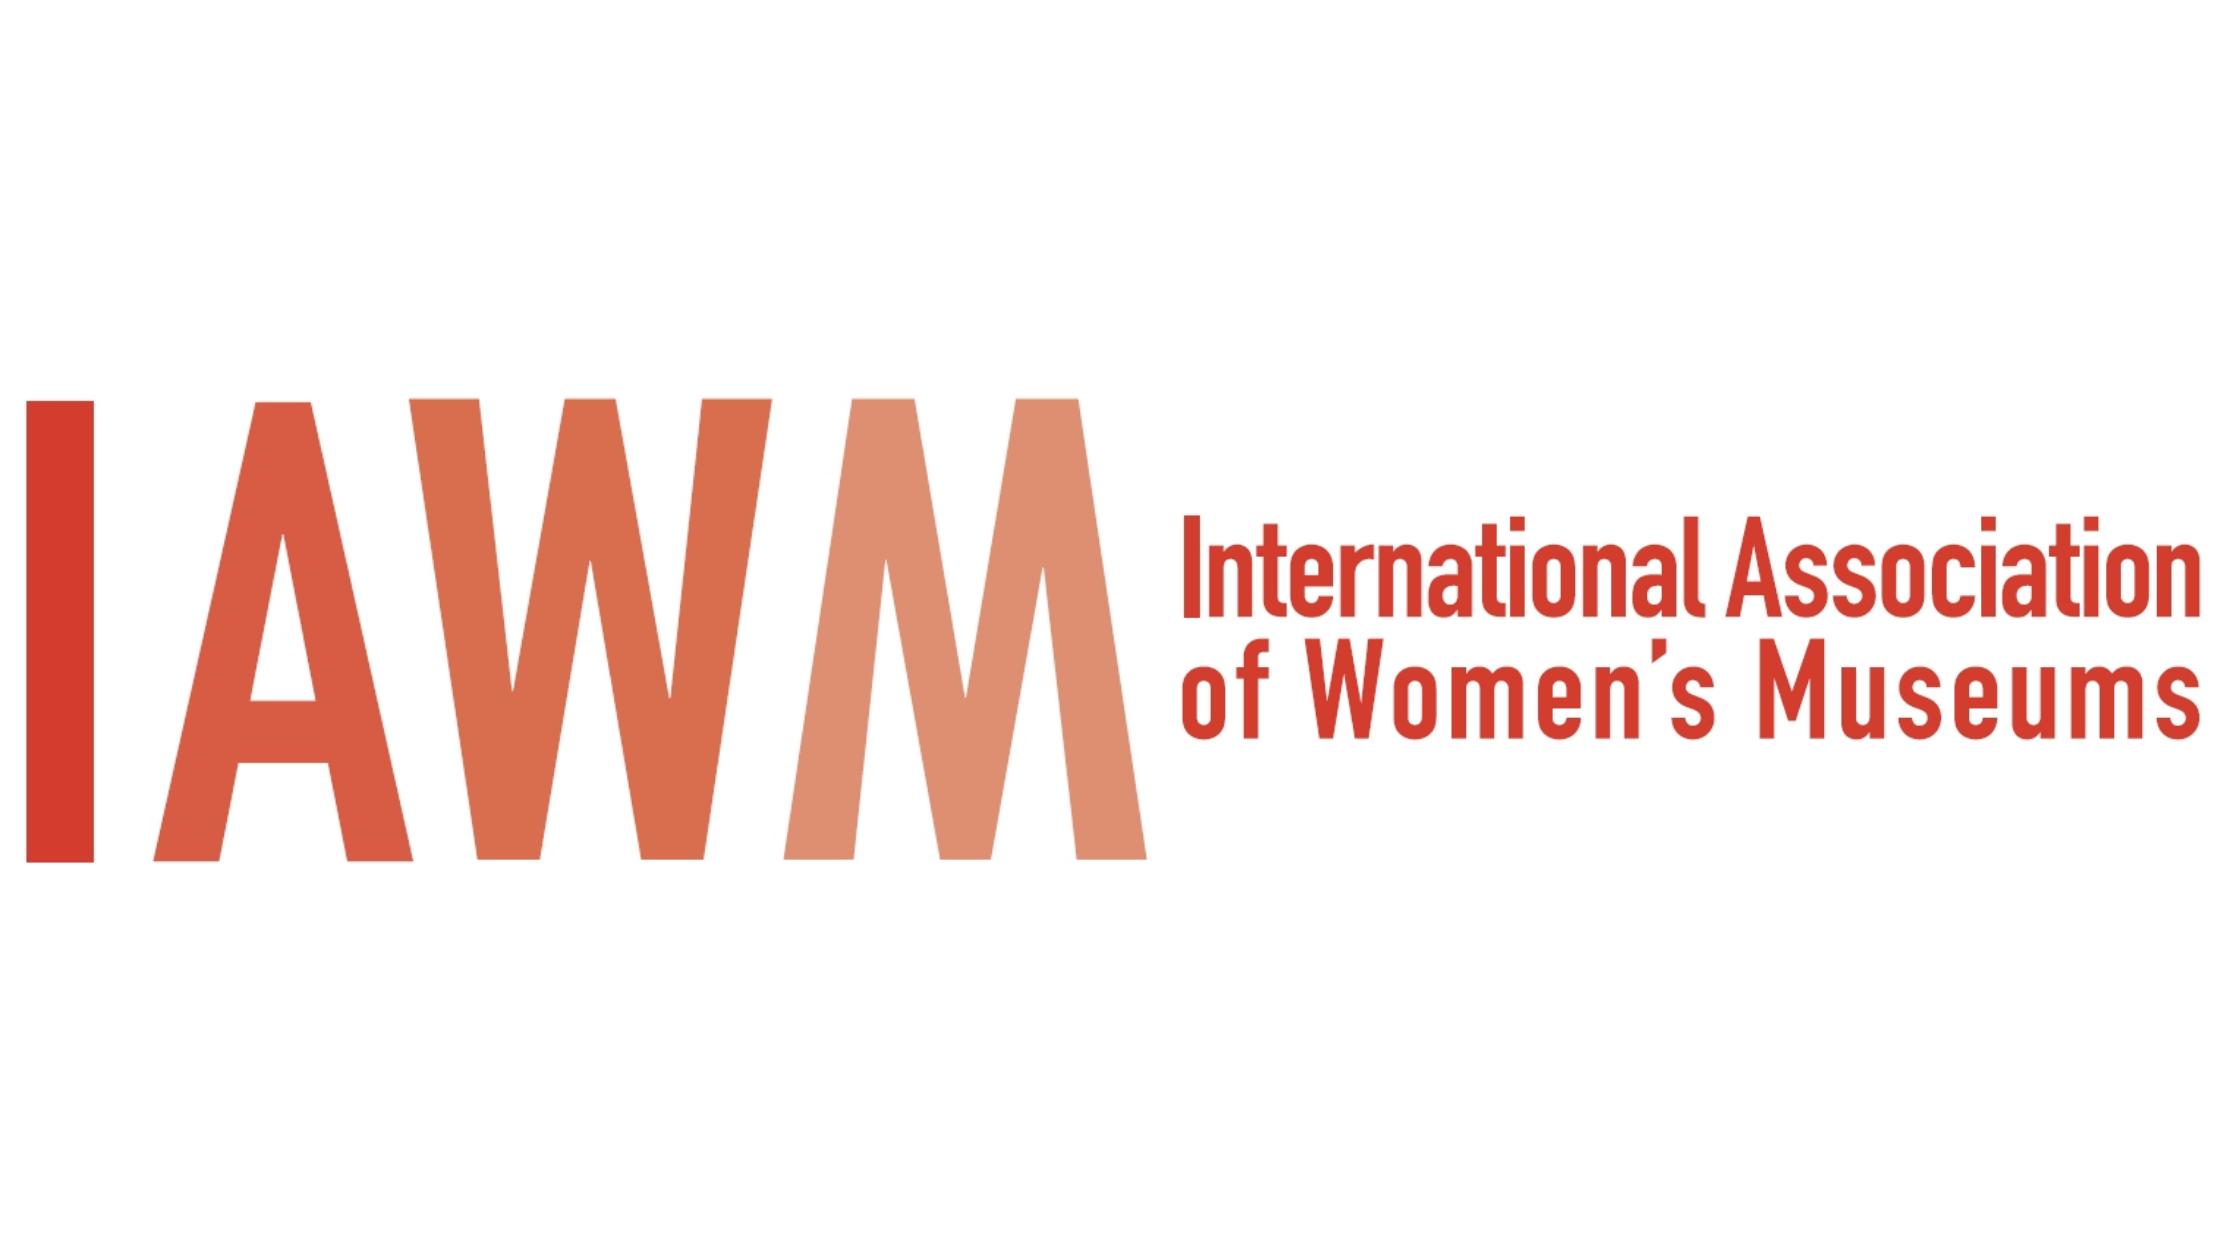 International Association of Women's Museums